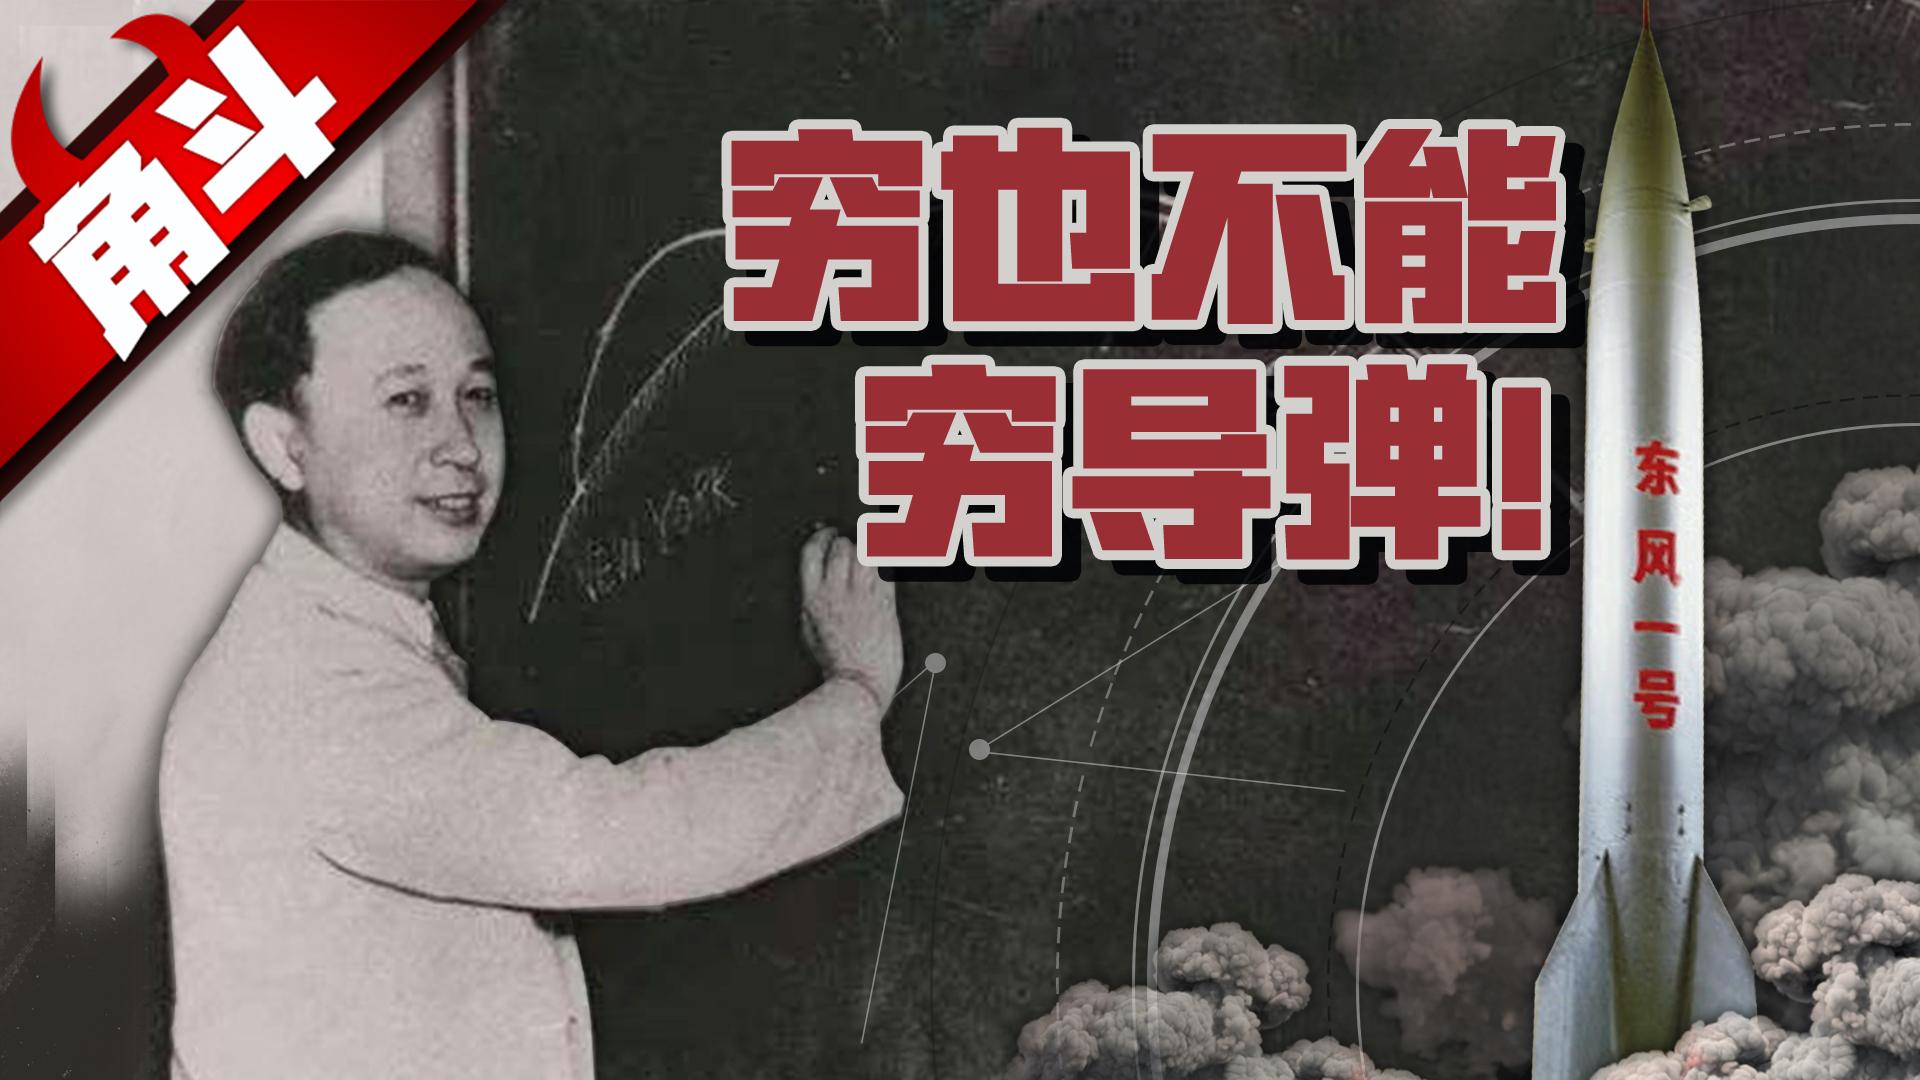 【大国角斗】为什么说战略导弹是塑造现代国际格局的底牌?